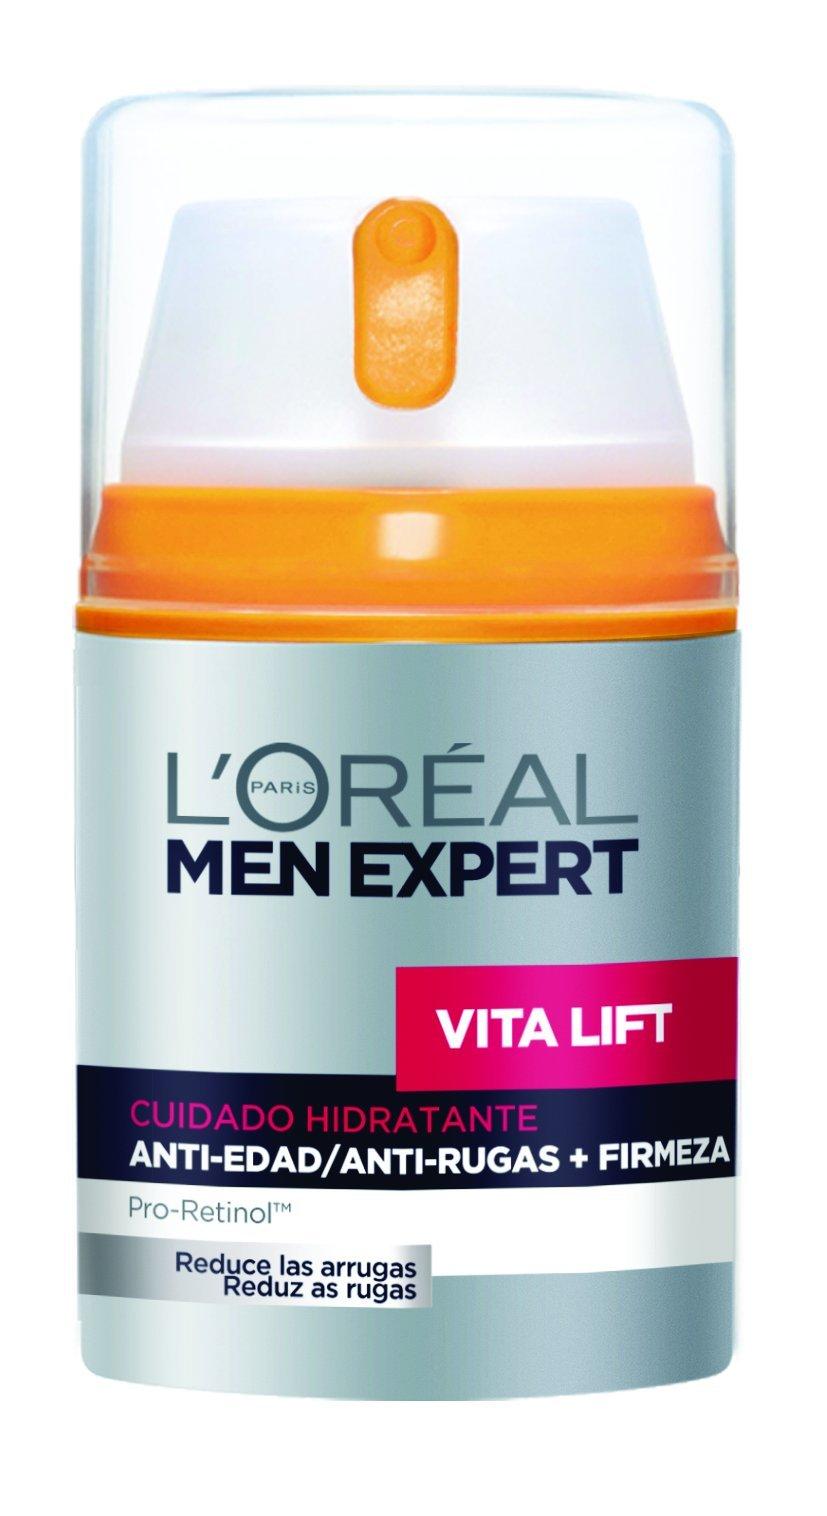 L'Oréal Paris Men Expert Integral Vita Lift Hidratante Diario Anti-Edad 50 ml